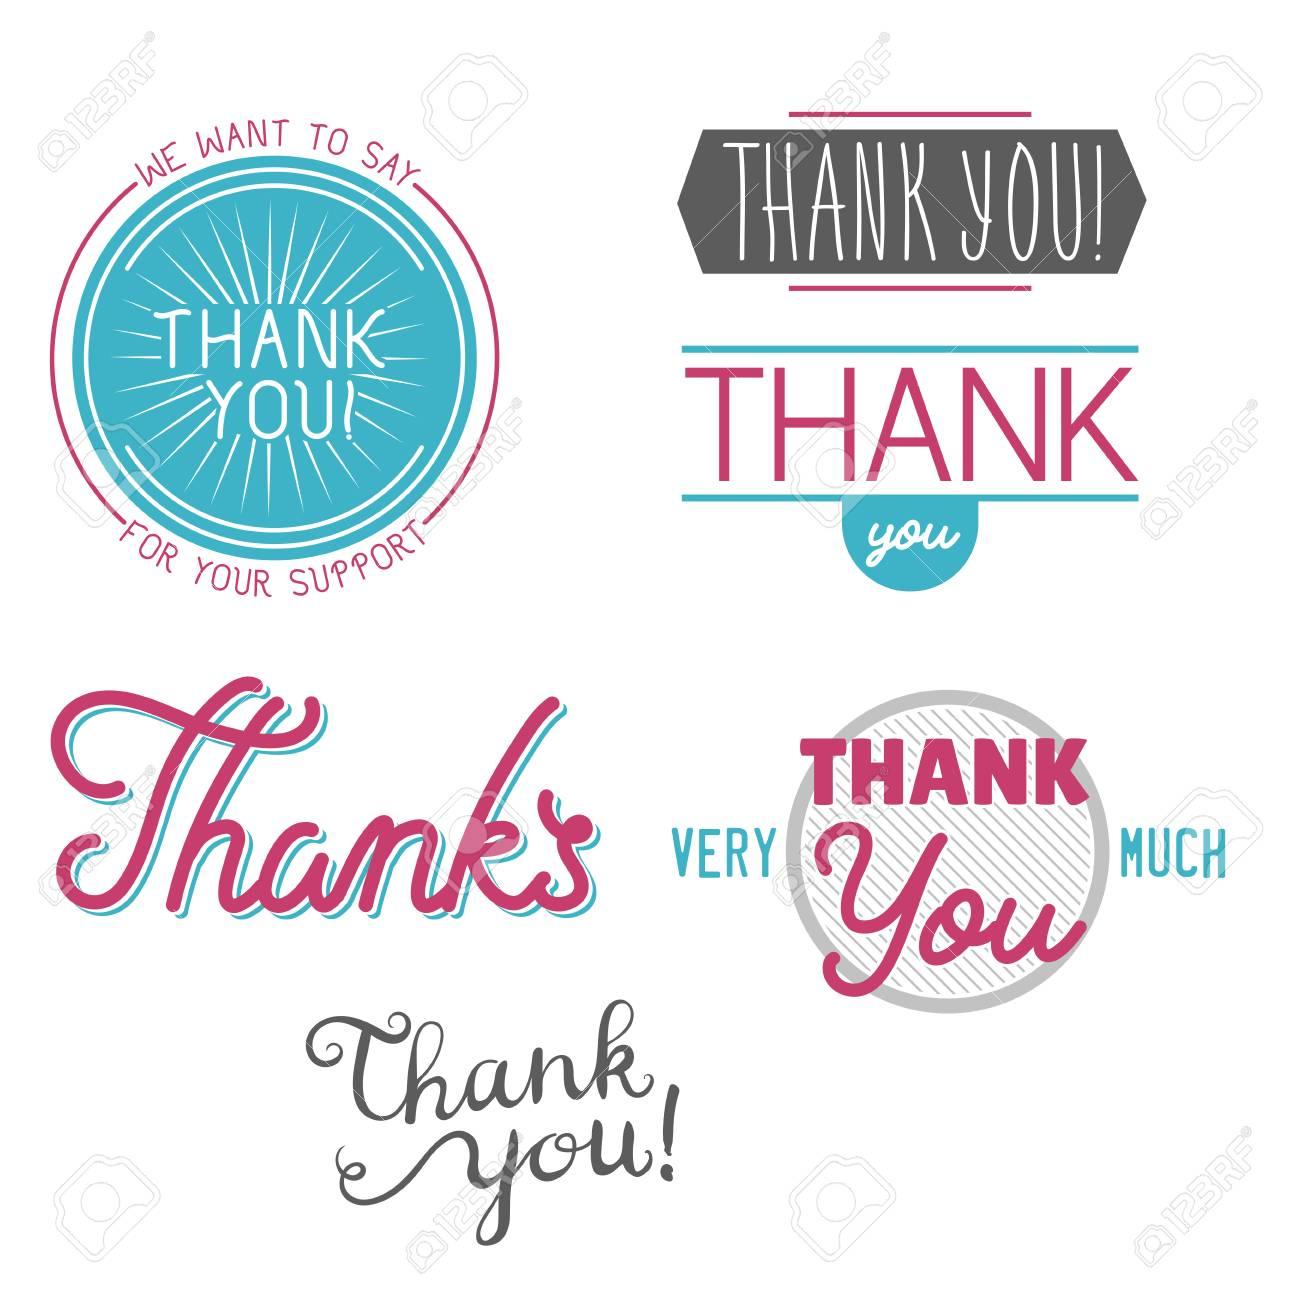 Merci Remerciement Sentiment émotions Texte Inscription Vecteur Insigne Merci Phrases Devis